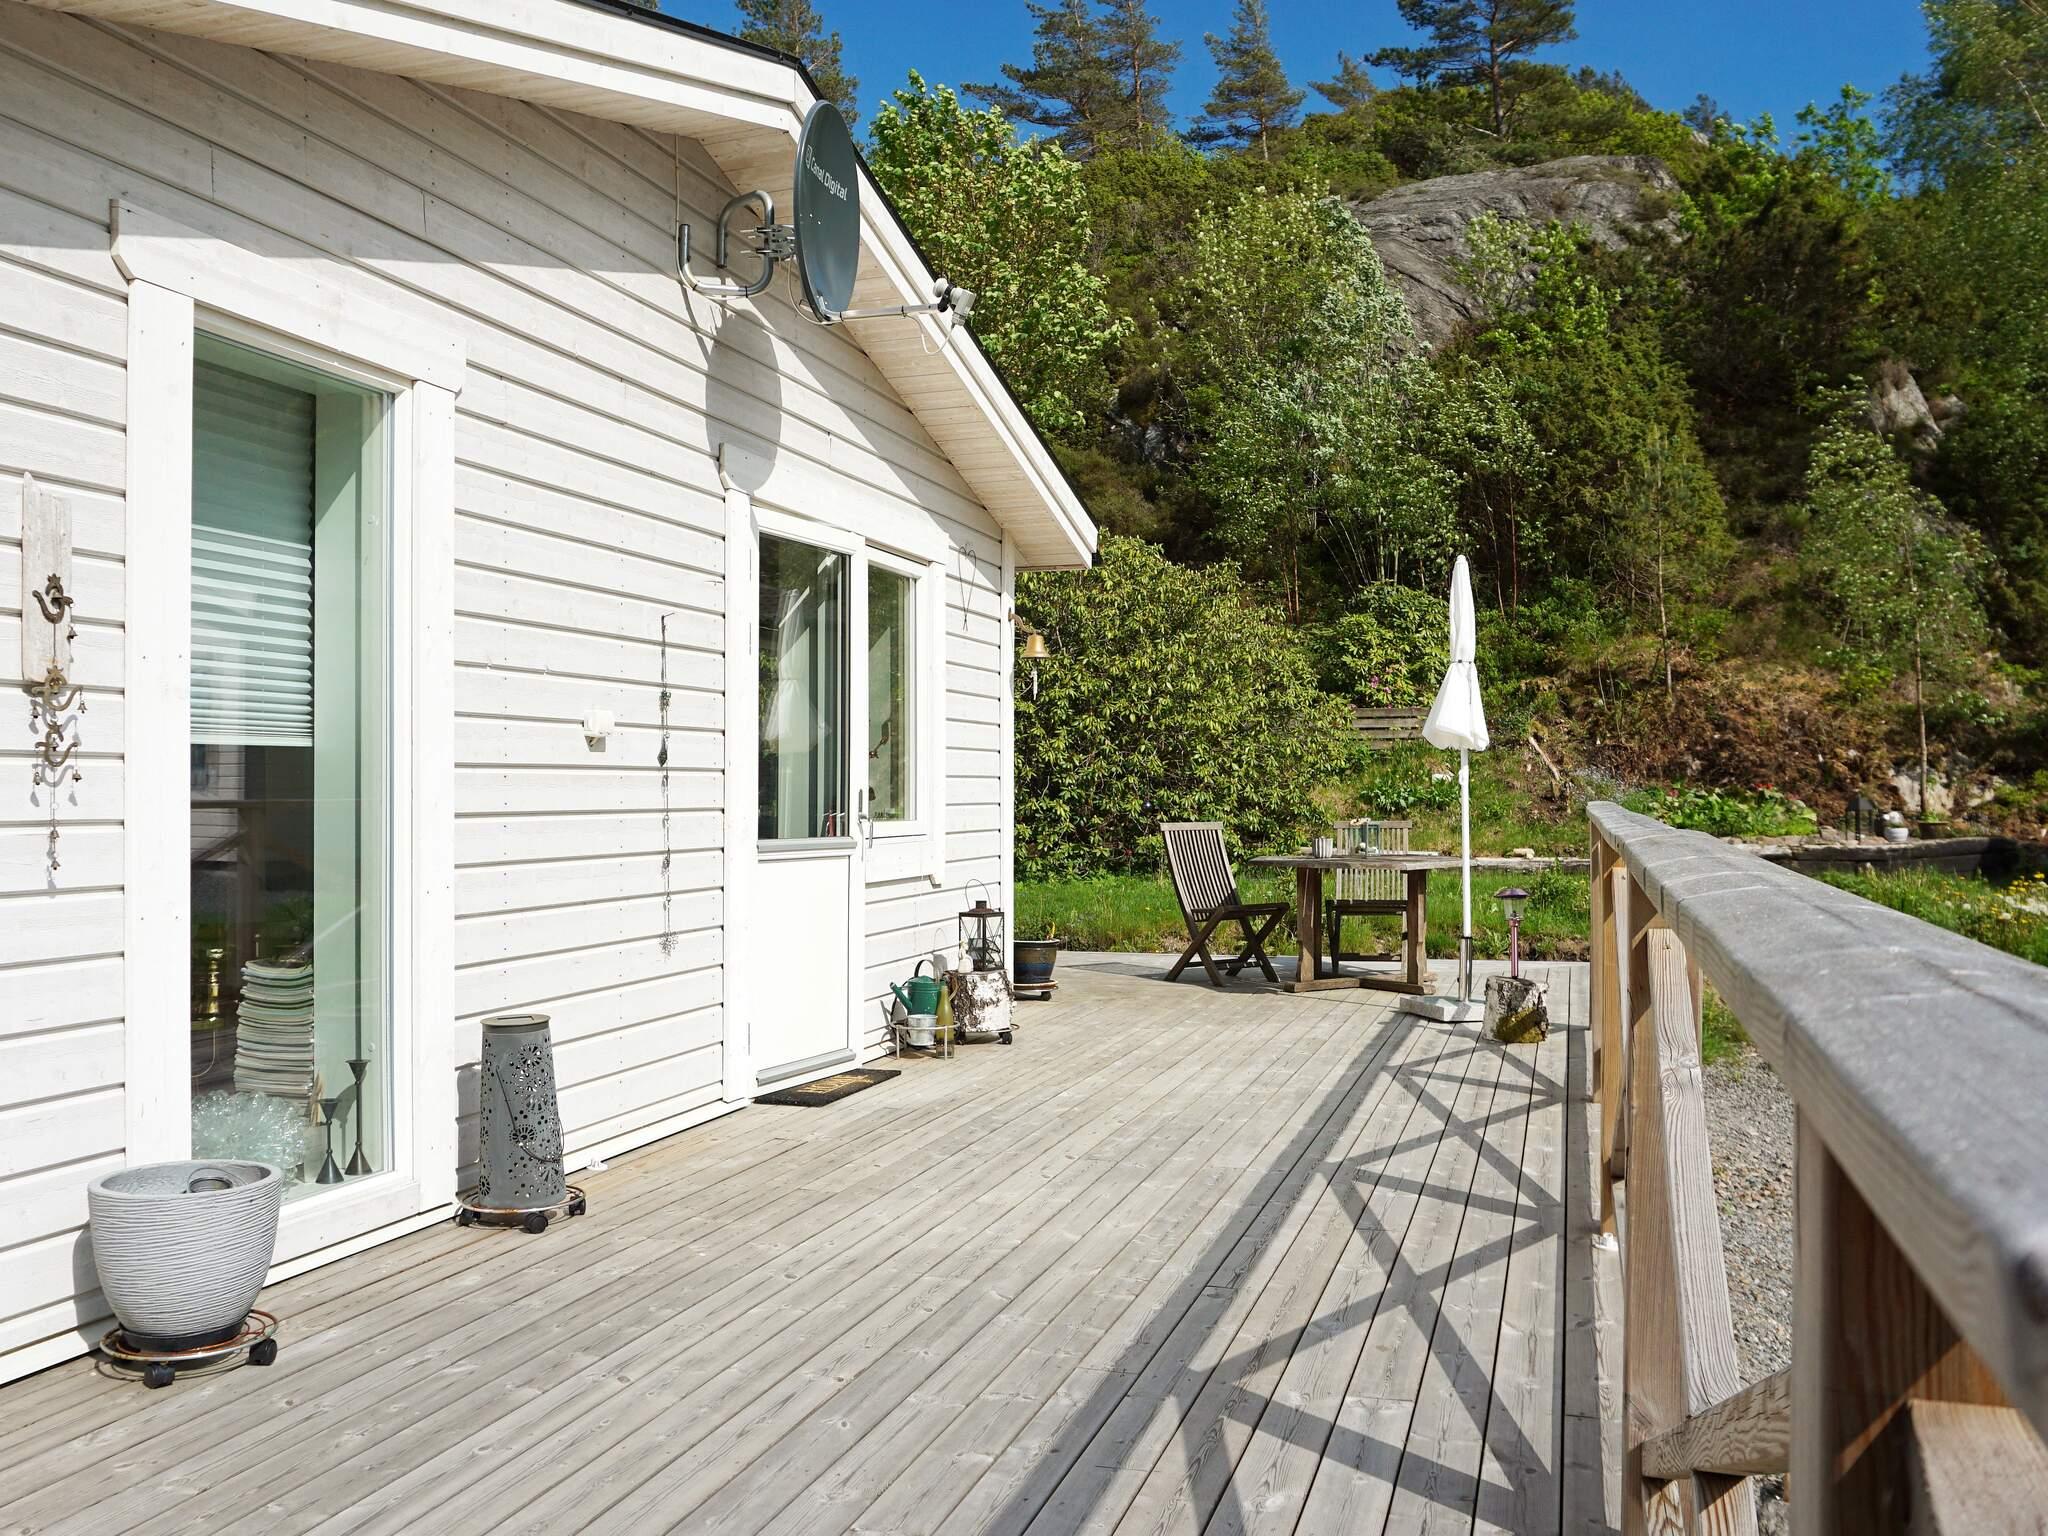 Ferienhaus Kungälv (2627953), Kärna, Västra Götaland län, Westschweden, Schweden, Bild 13